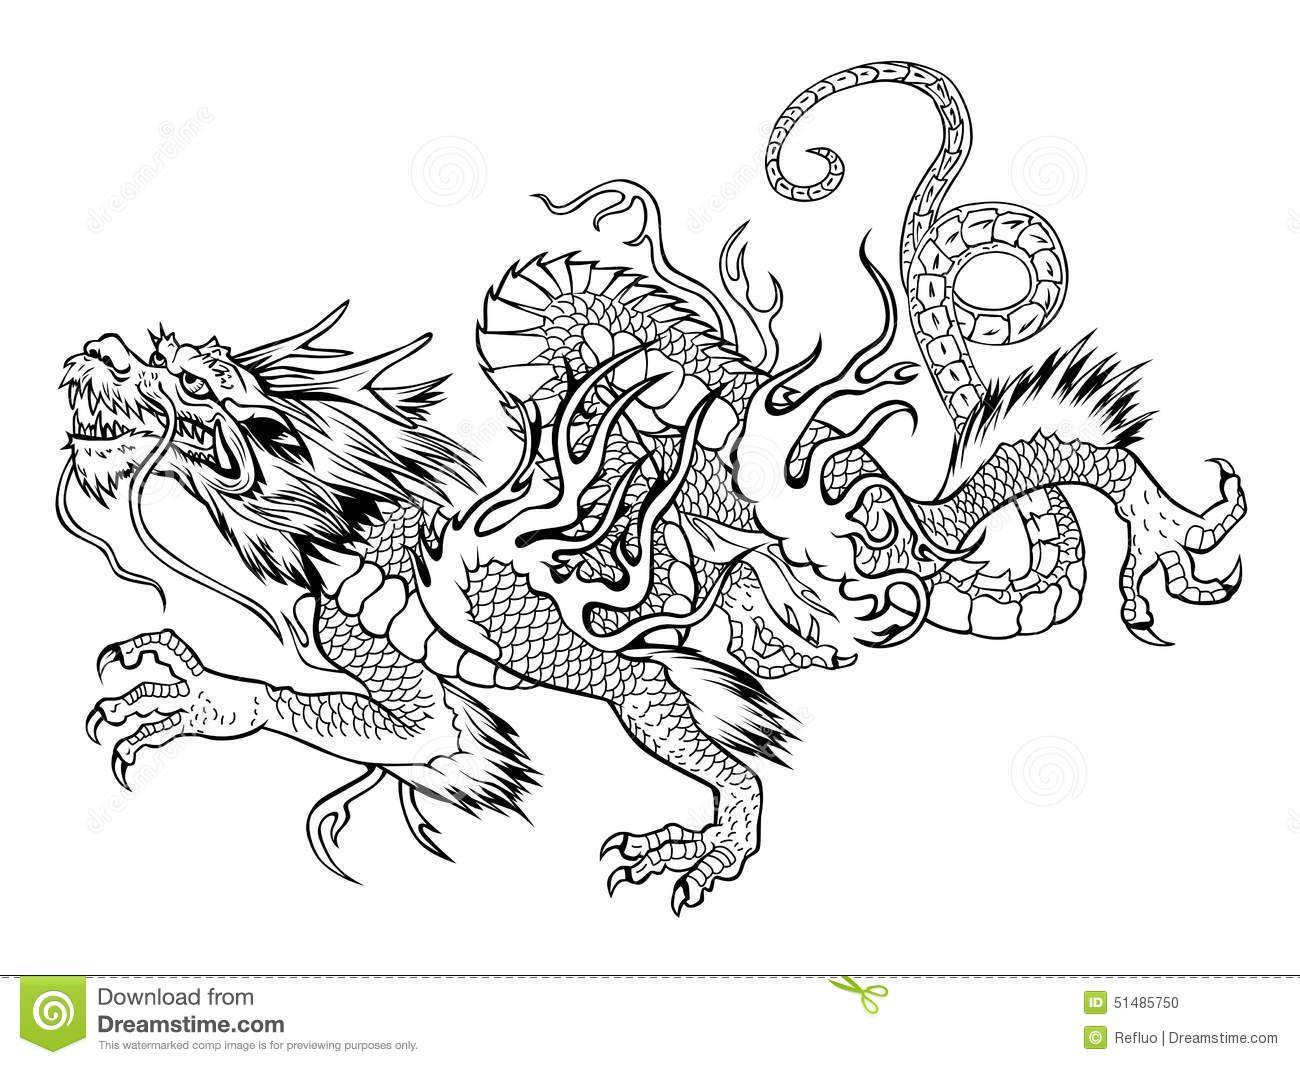 japanese-dragon-vector-black-white-illustration-51485750.jpg (1300×1065)